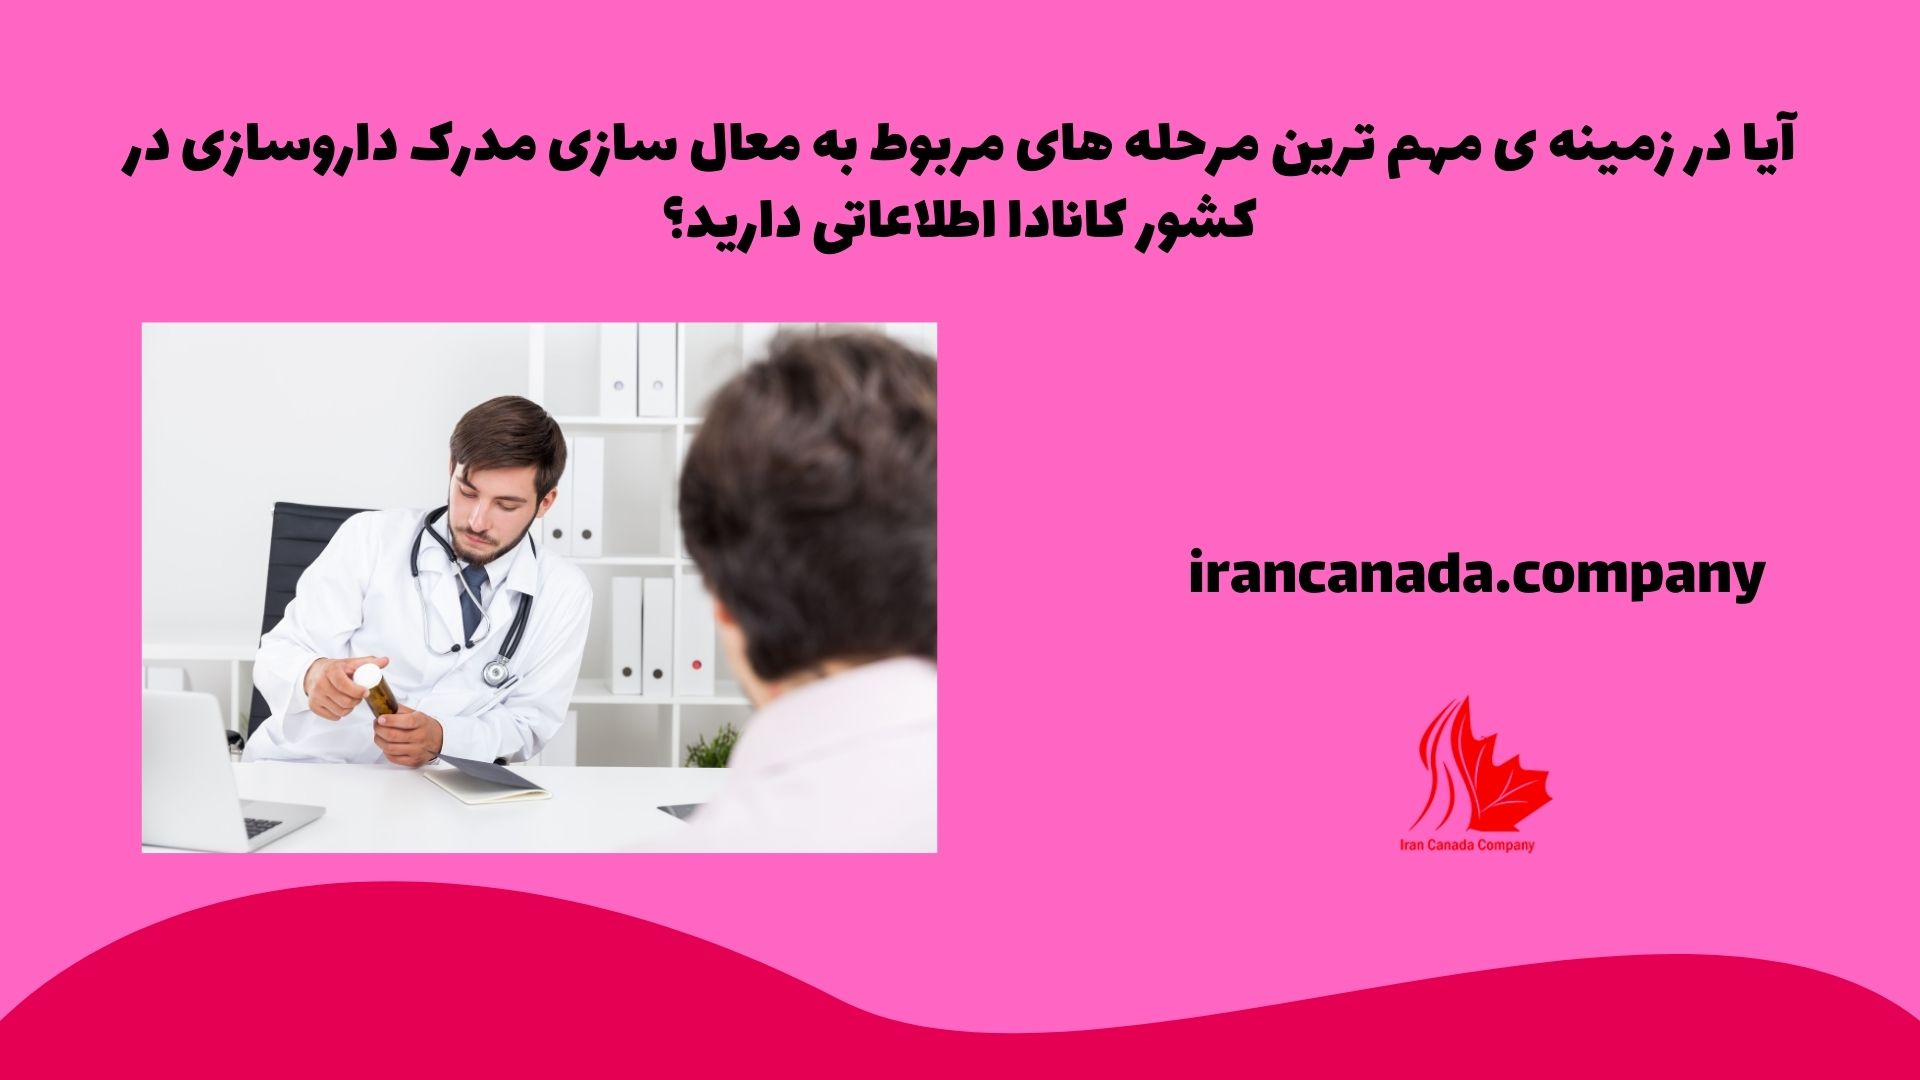 آیا در زمینه ی مهم ترین مرحله های مربوط به معادلسازی مدرک داروسازی در کشور کانادا اطلاعاتی دارید؟